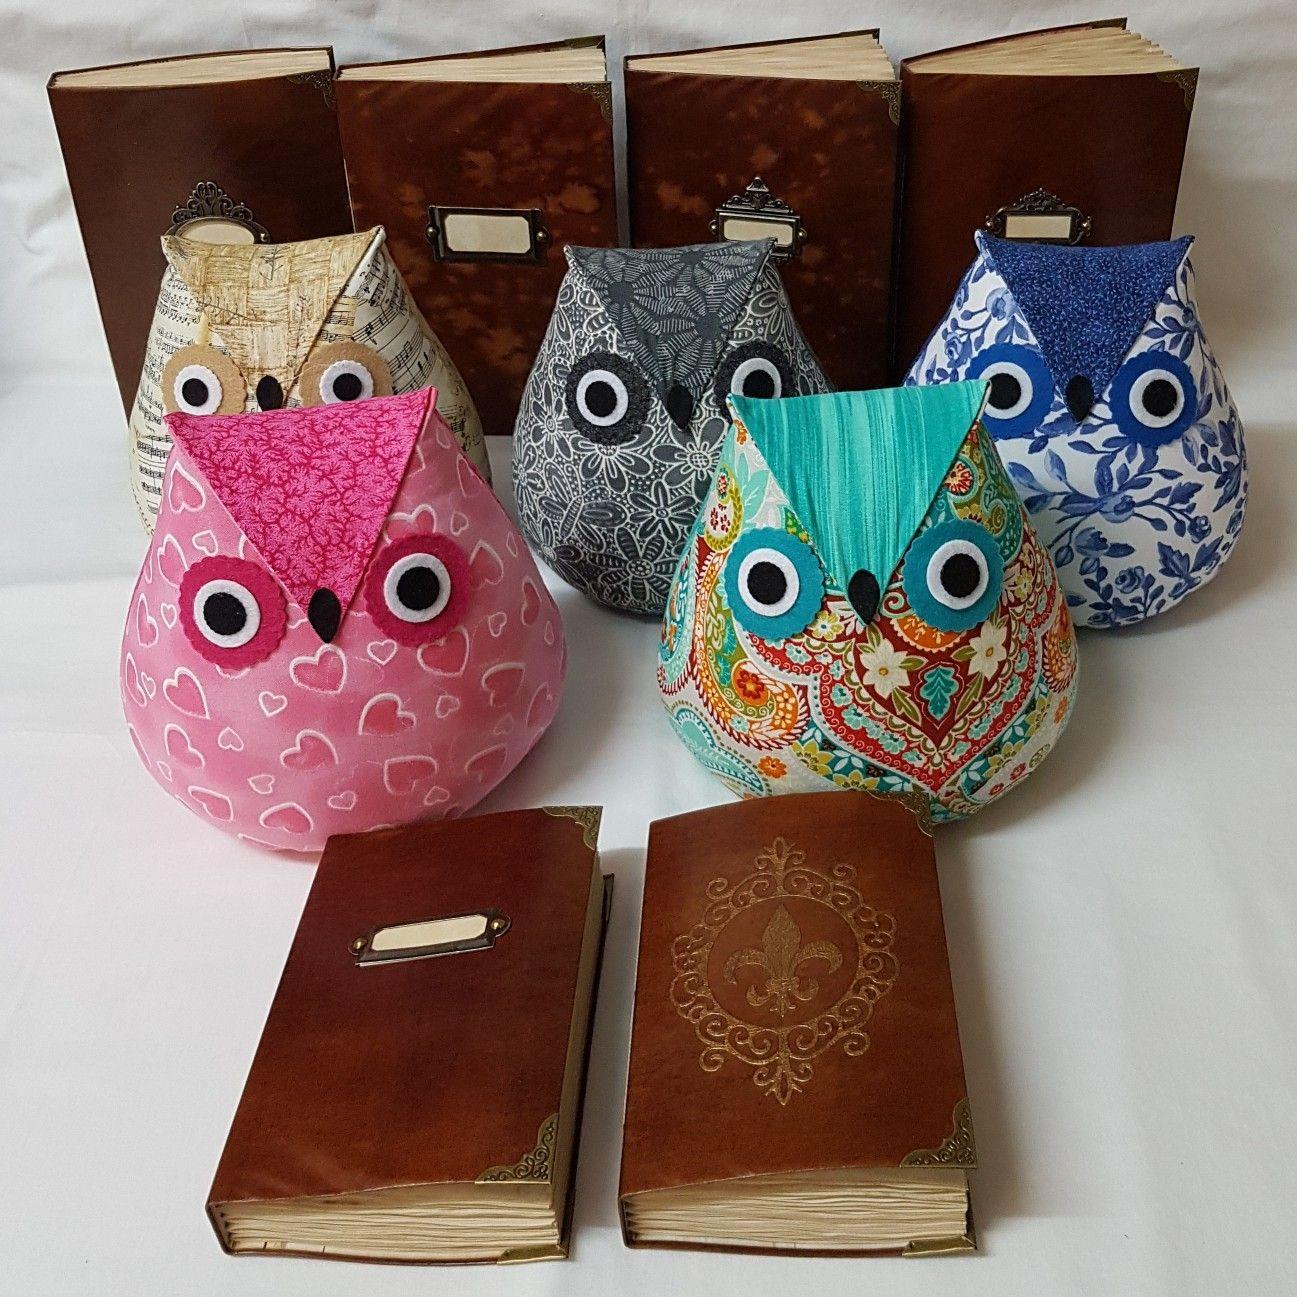 Leatherlook journals and Owl Doorstops